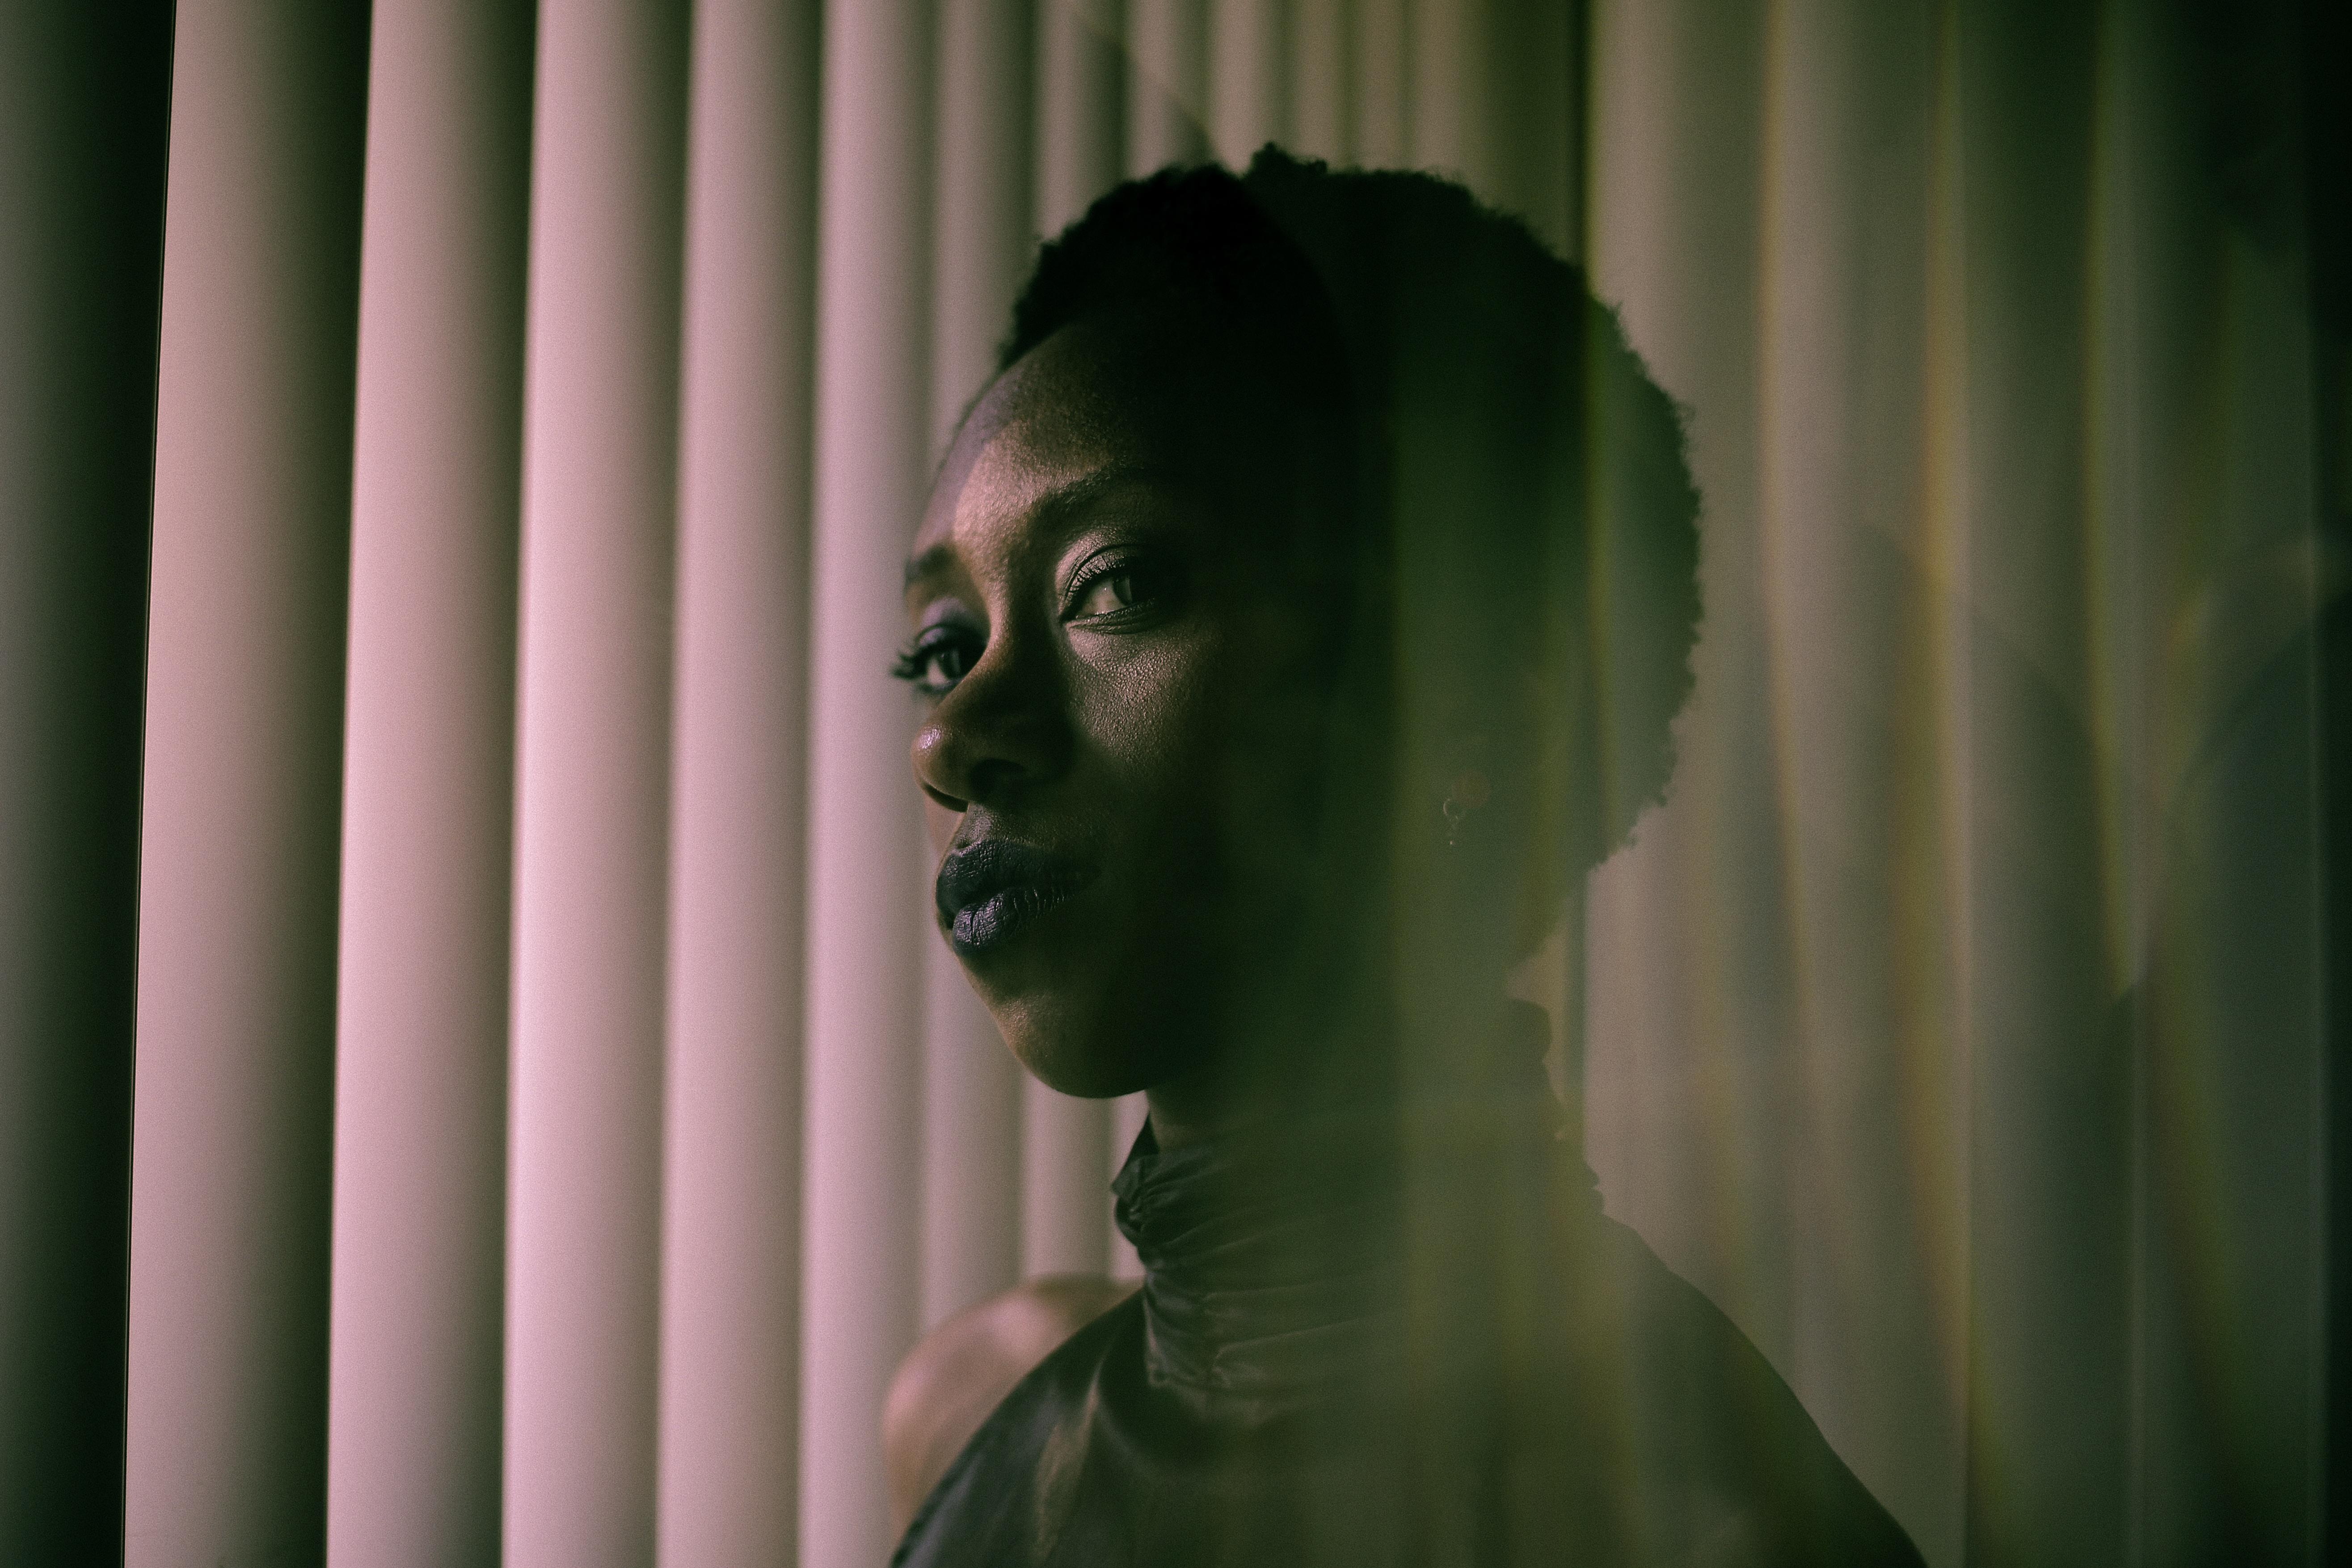 Mariama Ndure